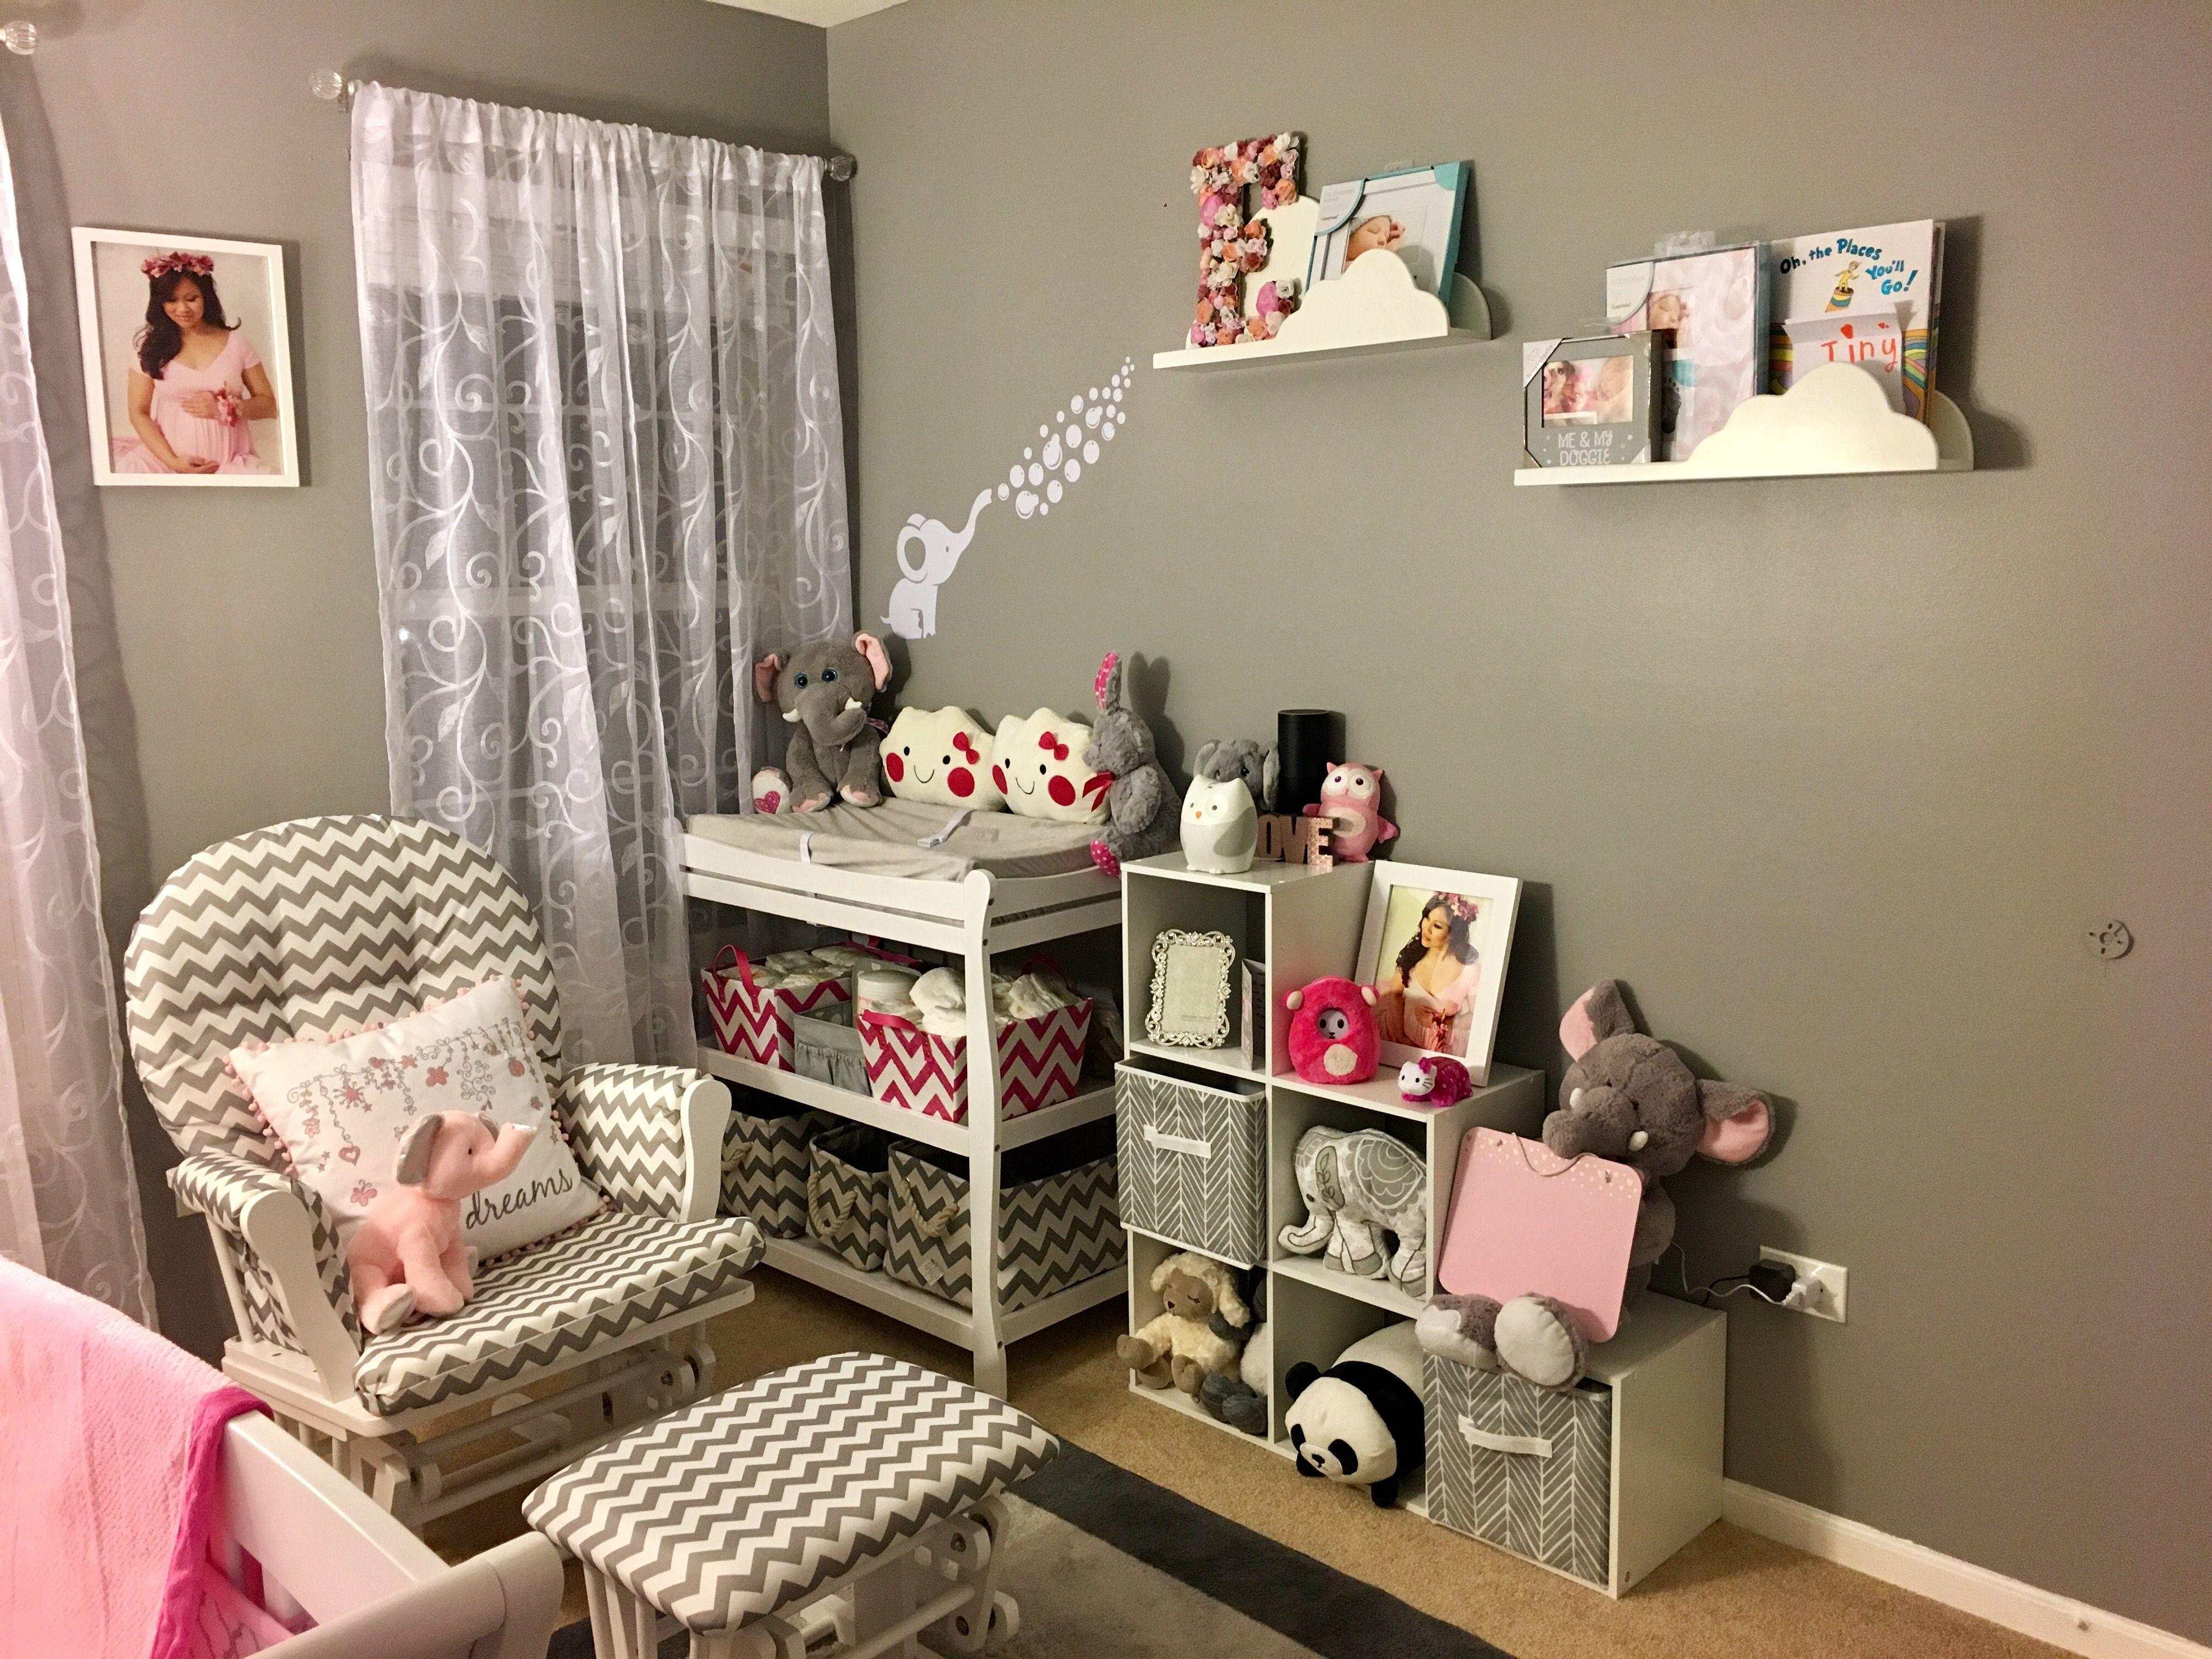 gray walls chevron glider wayfair pink elephants white cloud gray walls chevron glider wayfair pink elephants white cloud shelves